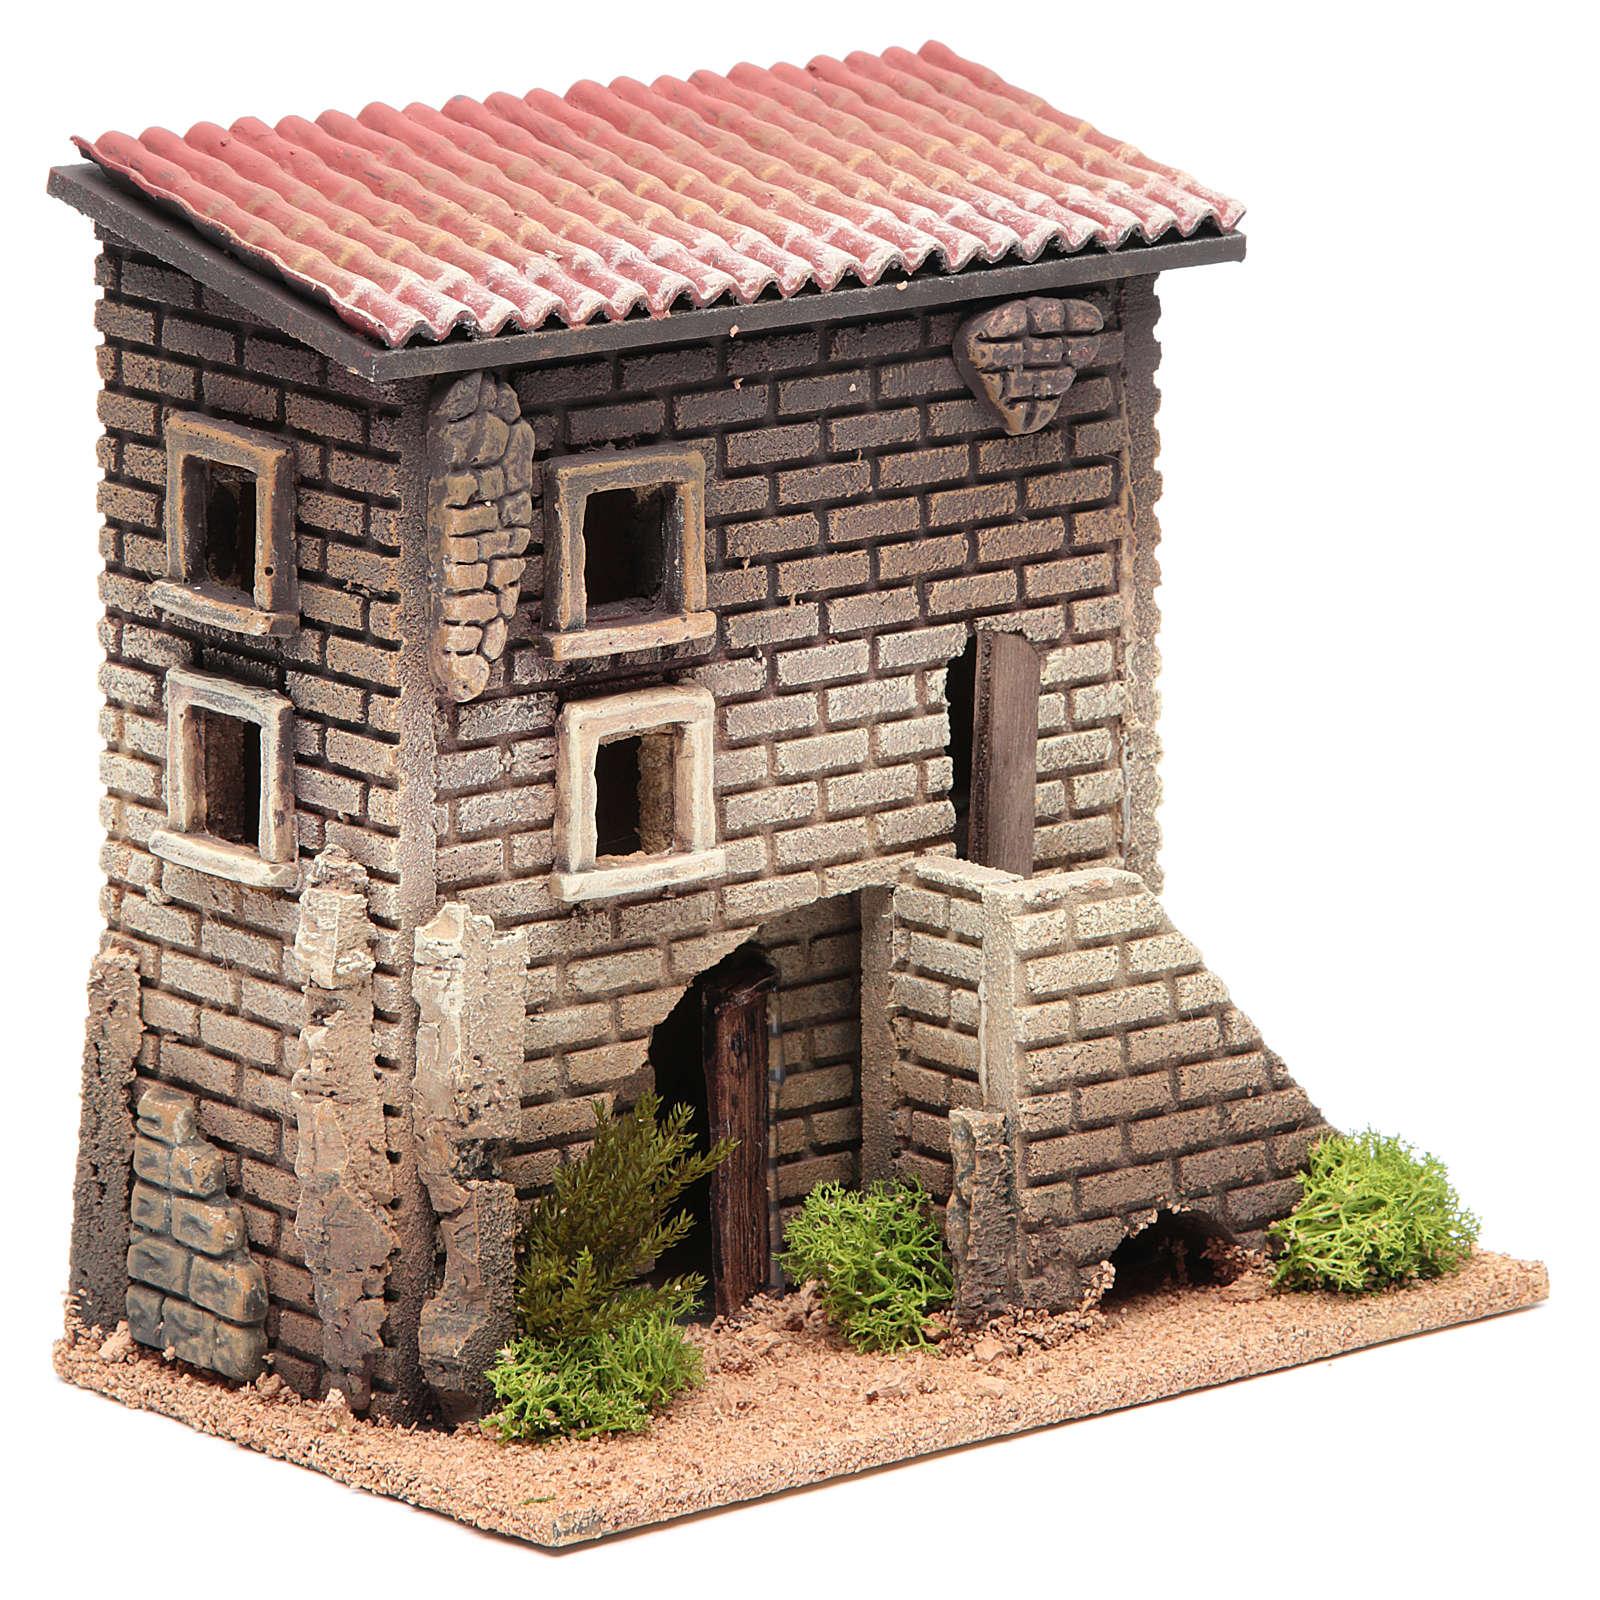 Maison avec petit escalier 23x23x14 pour 6 cm 4